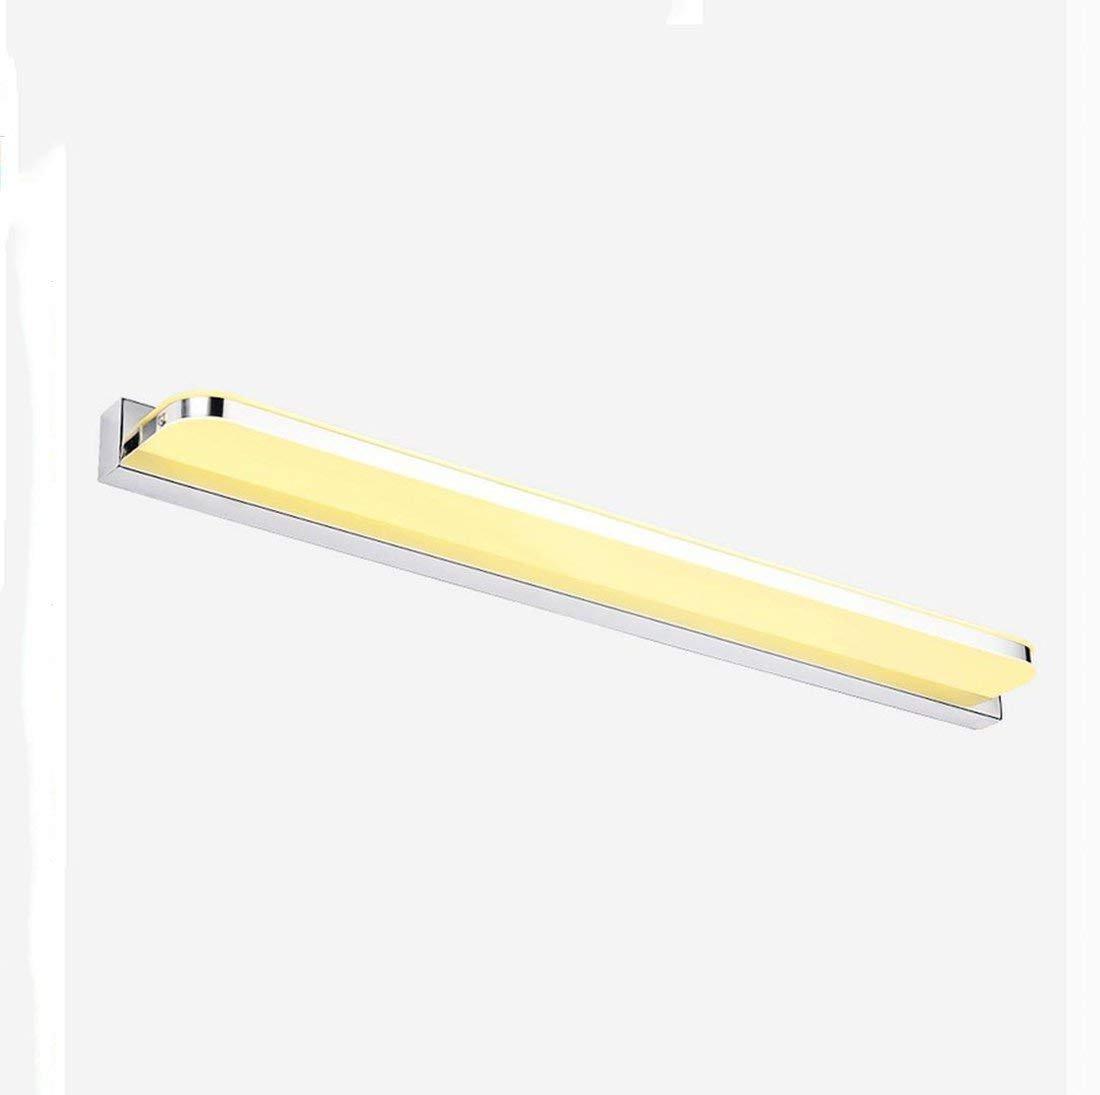 JBP Maß Spiegel Leichtes Bad Licht LED-Spiegel Scheinwerfer Einfache Wand Lampe Bad Dressing Tischspiegel Schrank Beleuchtung,WarmWeiß,9W42cm